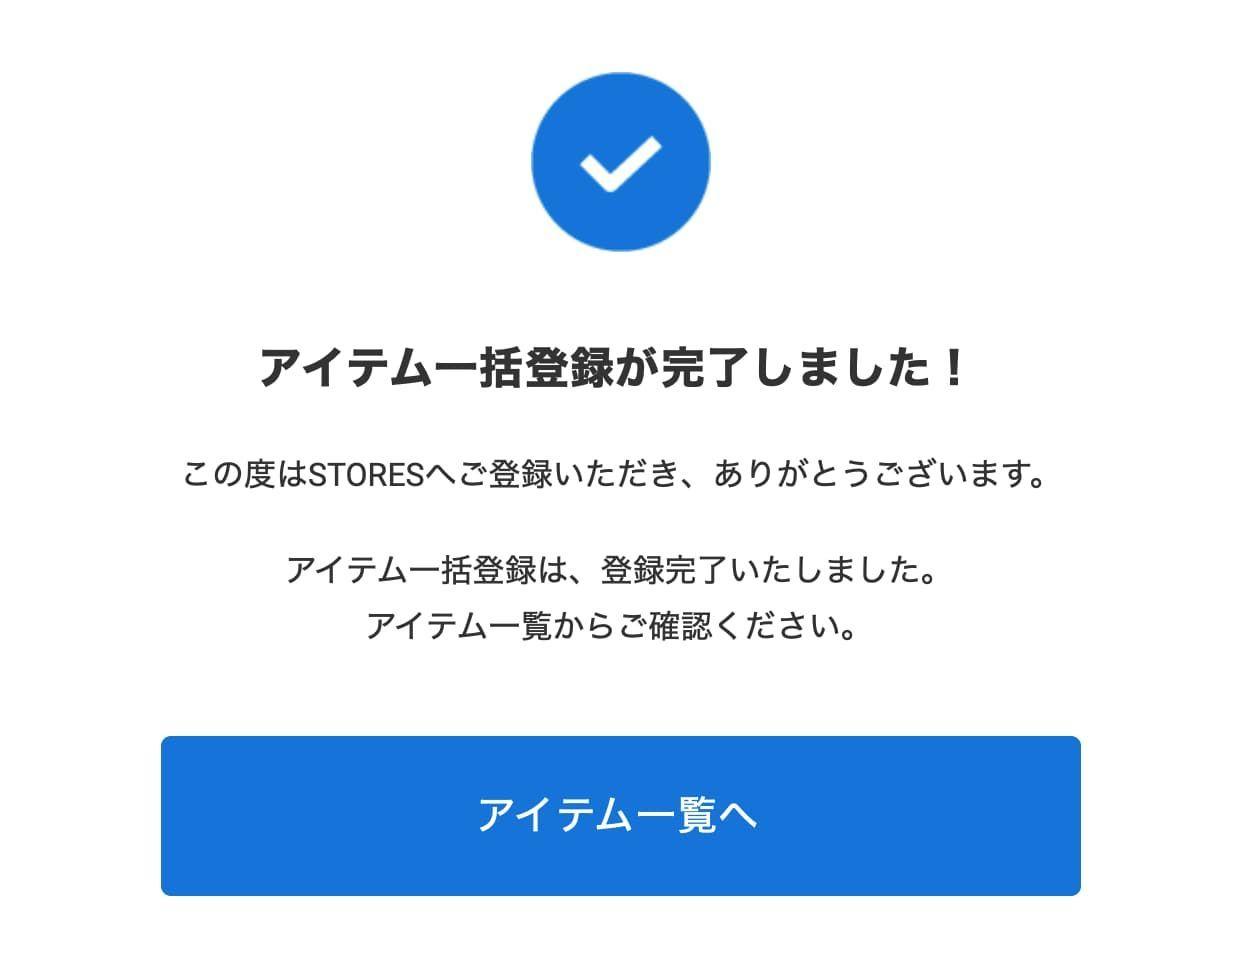 f:id:storesblog:20200917150046j:plain